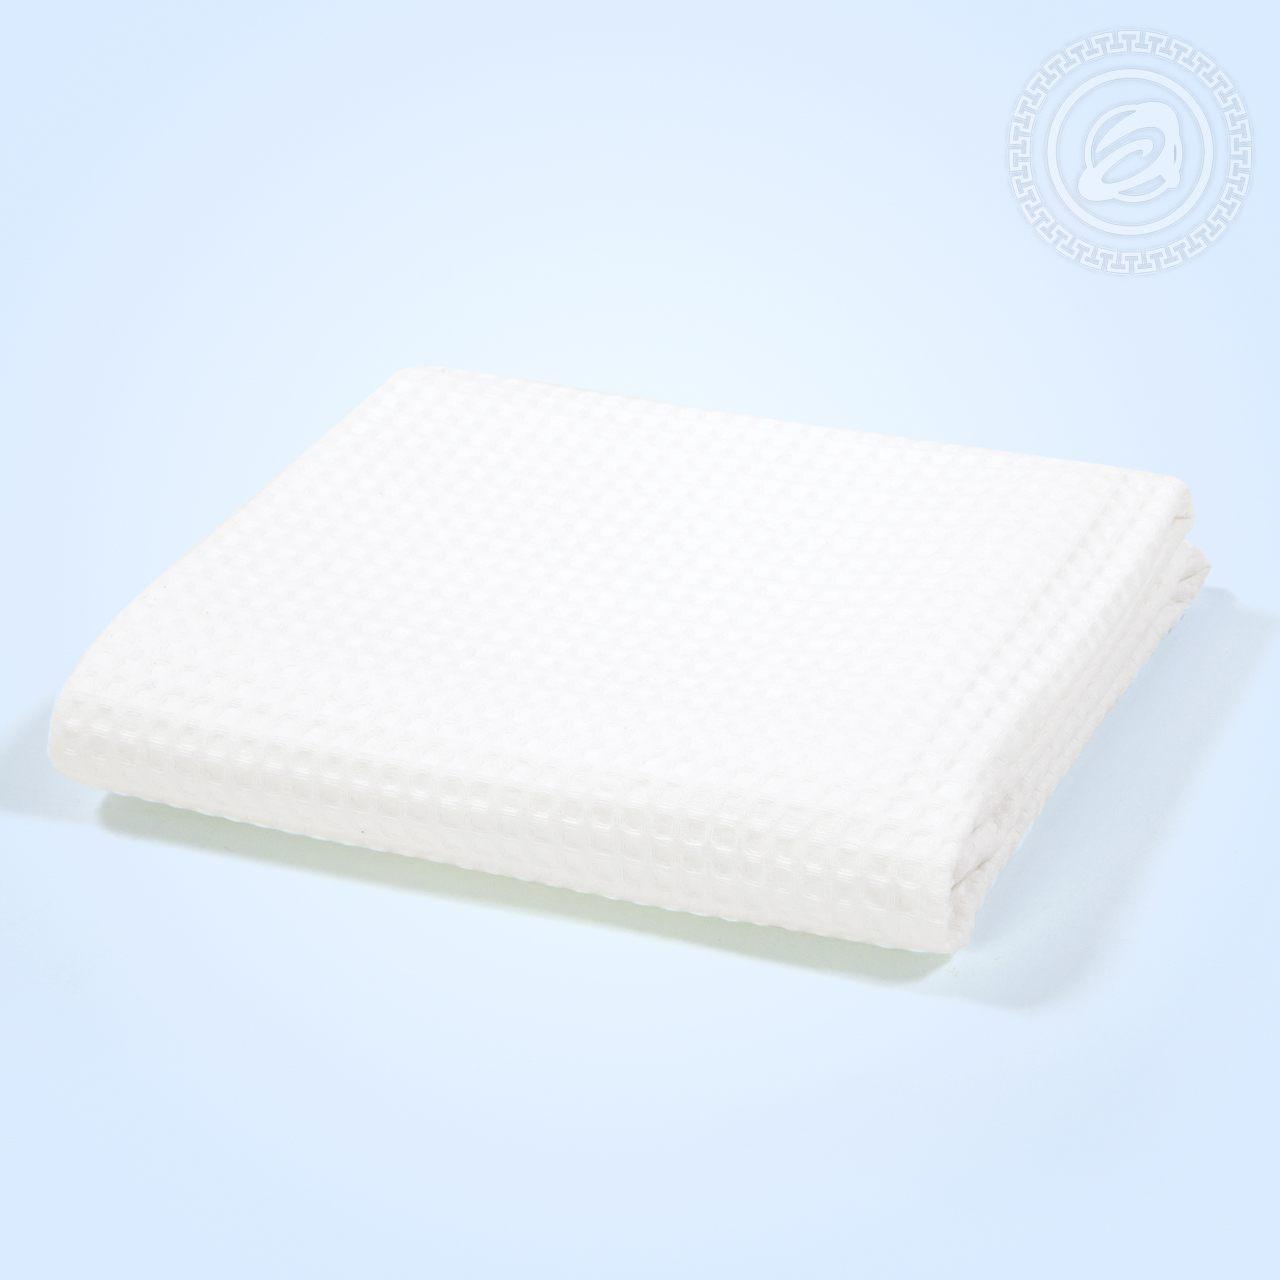 Полотенце банное iv59259 (70х140) банное полотенце hobby home collection 70х140 см sultan